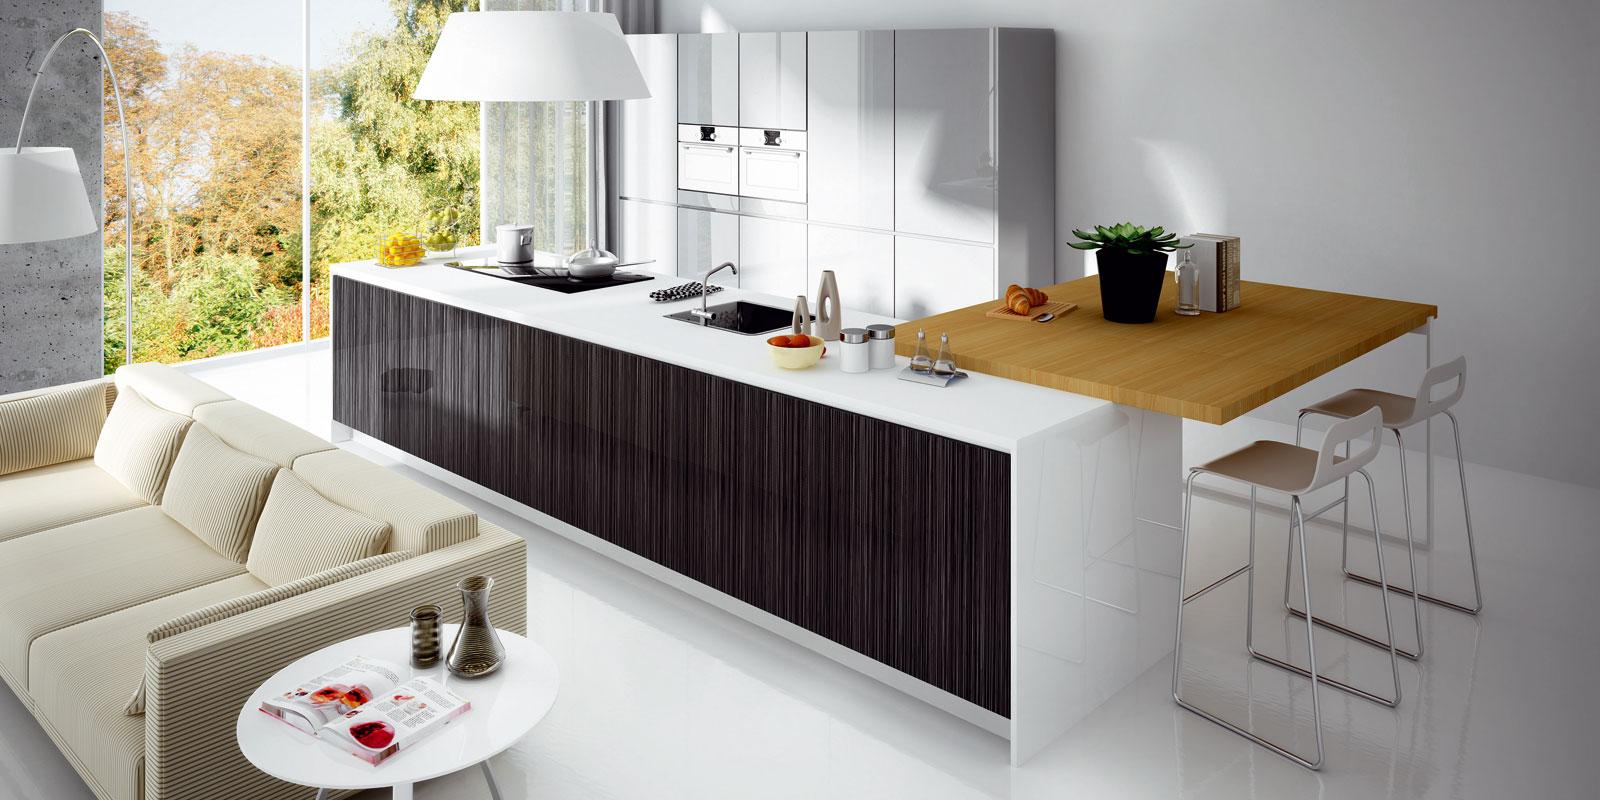 Alvic muebles de cocina las palmas dicerma pavimentos - Encimeras alvic ...